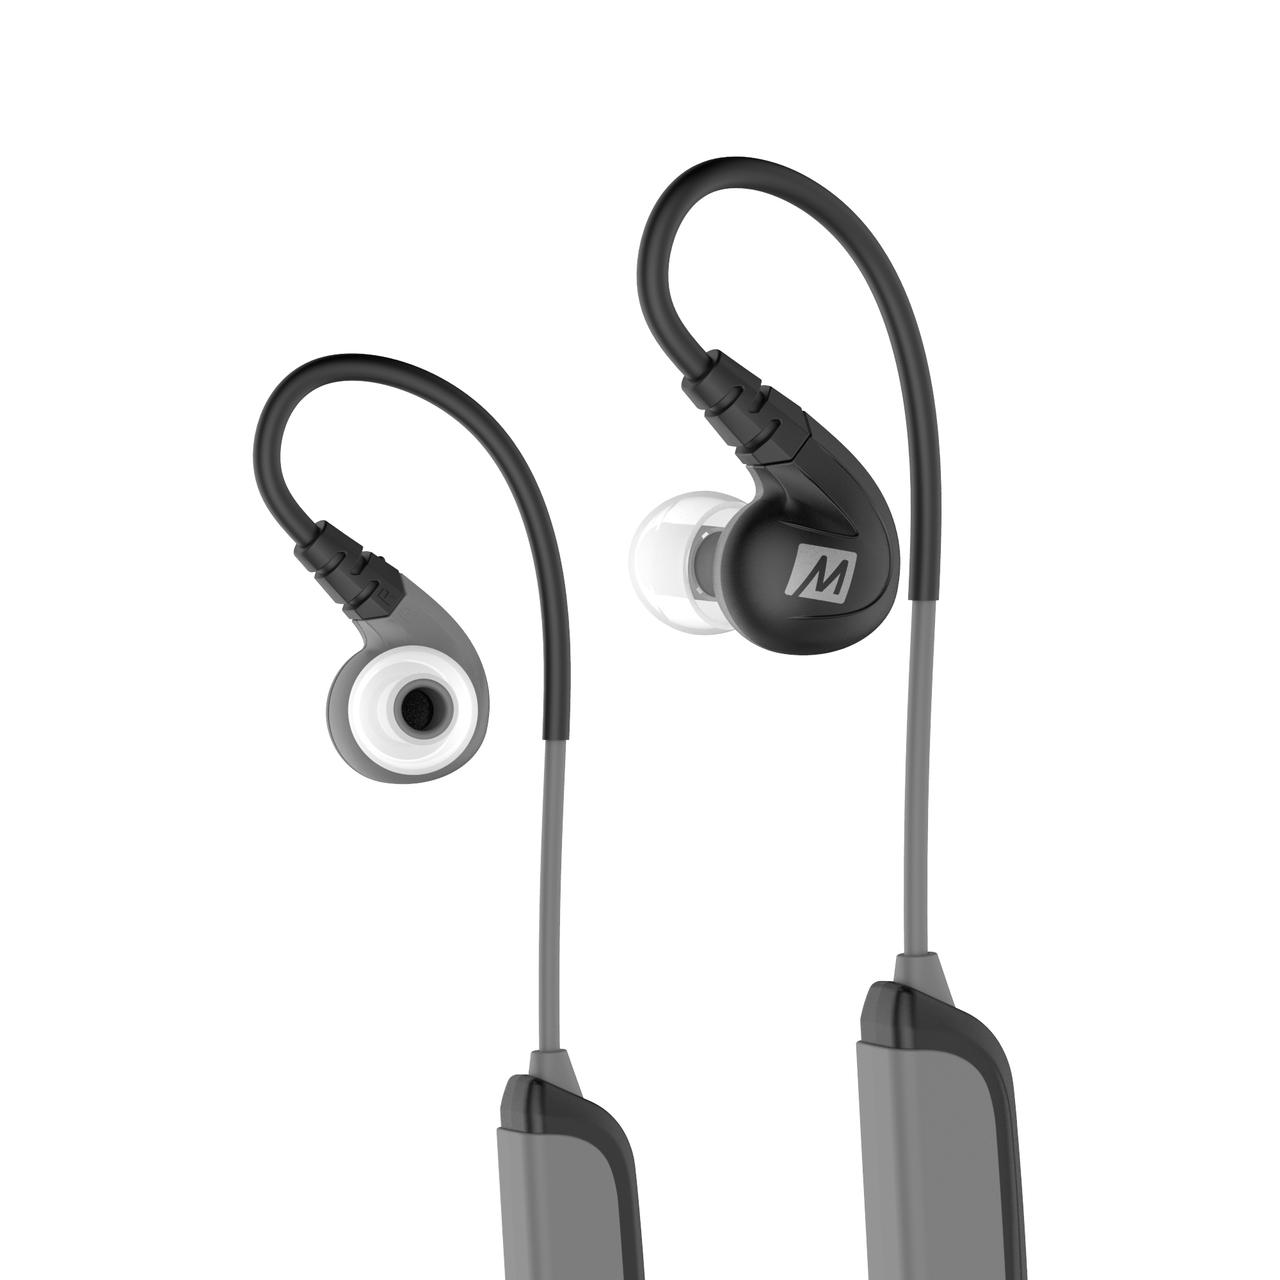 Mee Audio X8 (X 8) Słuchawki dokanałowe (sportowe) bezprzewodowe Bluetooth z regulacją głośności i sterowaniem Polska Gwarancja